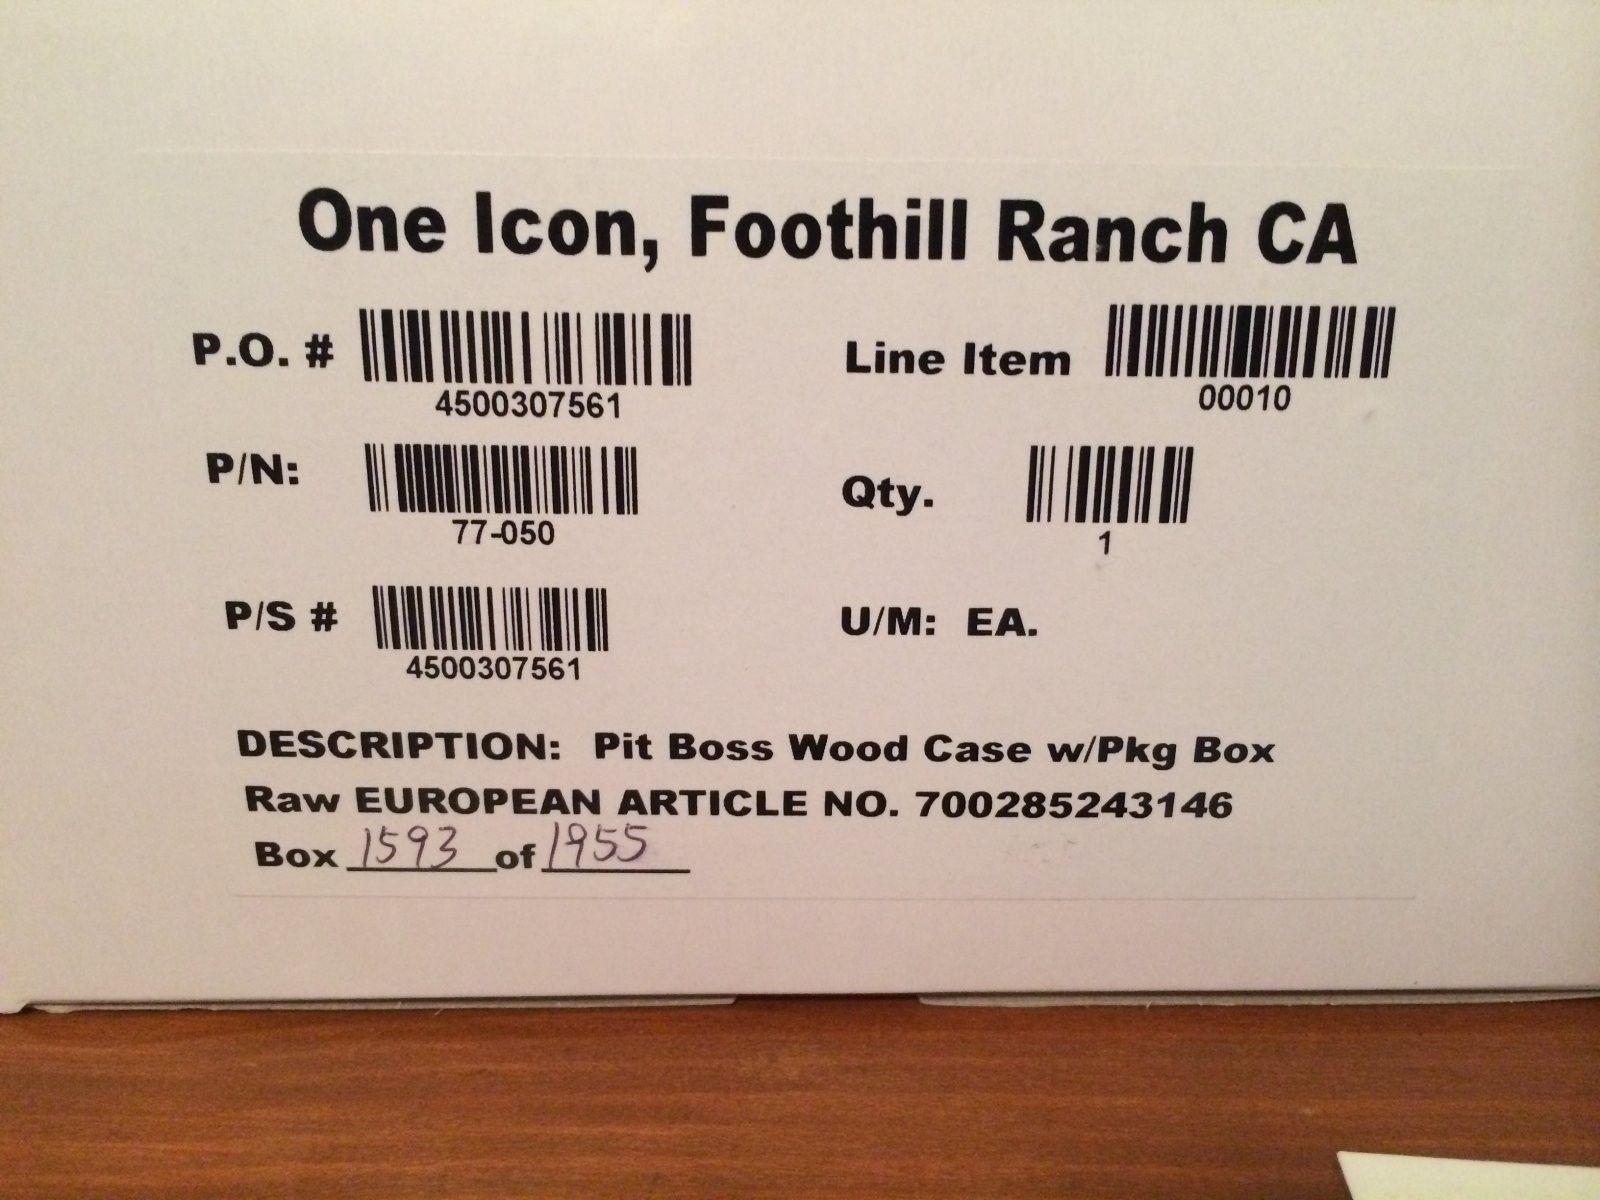 Oakley Contest Package Box W/Pitboss Wooden Case - IMG_4747.JPG